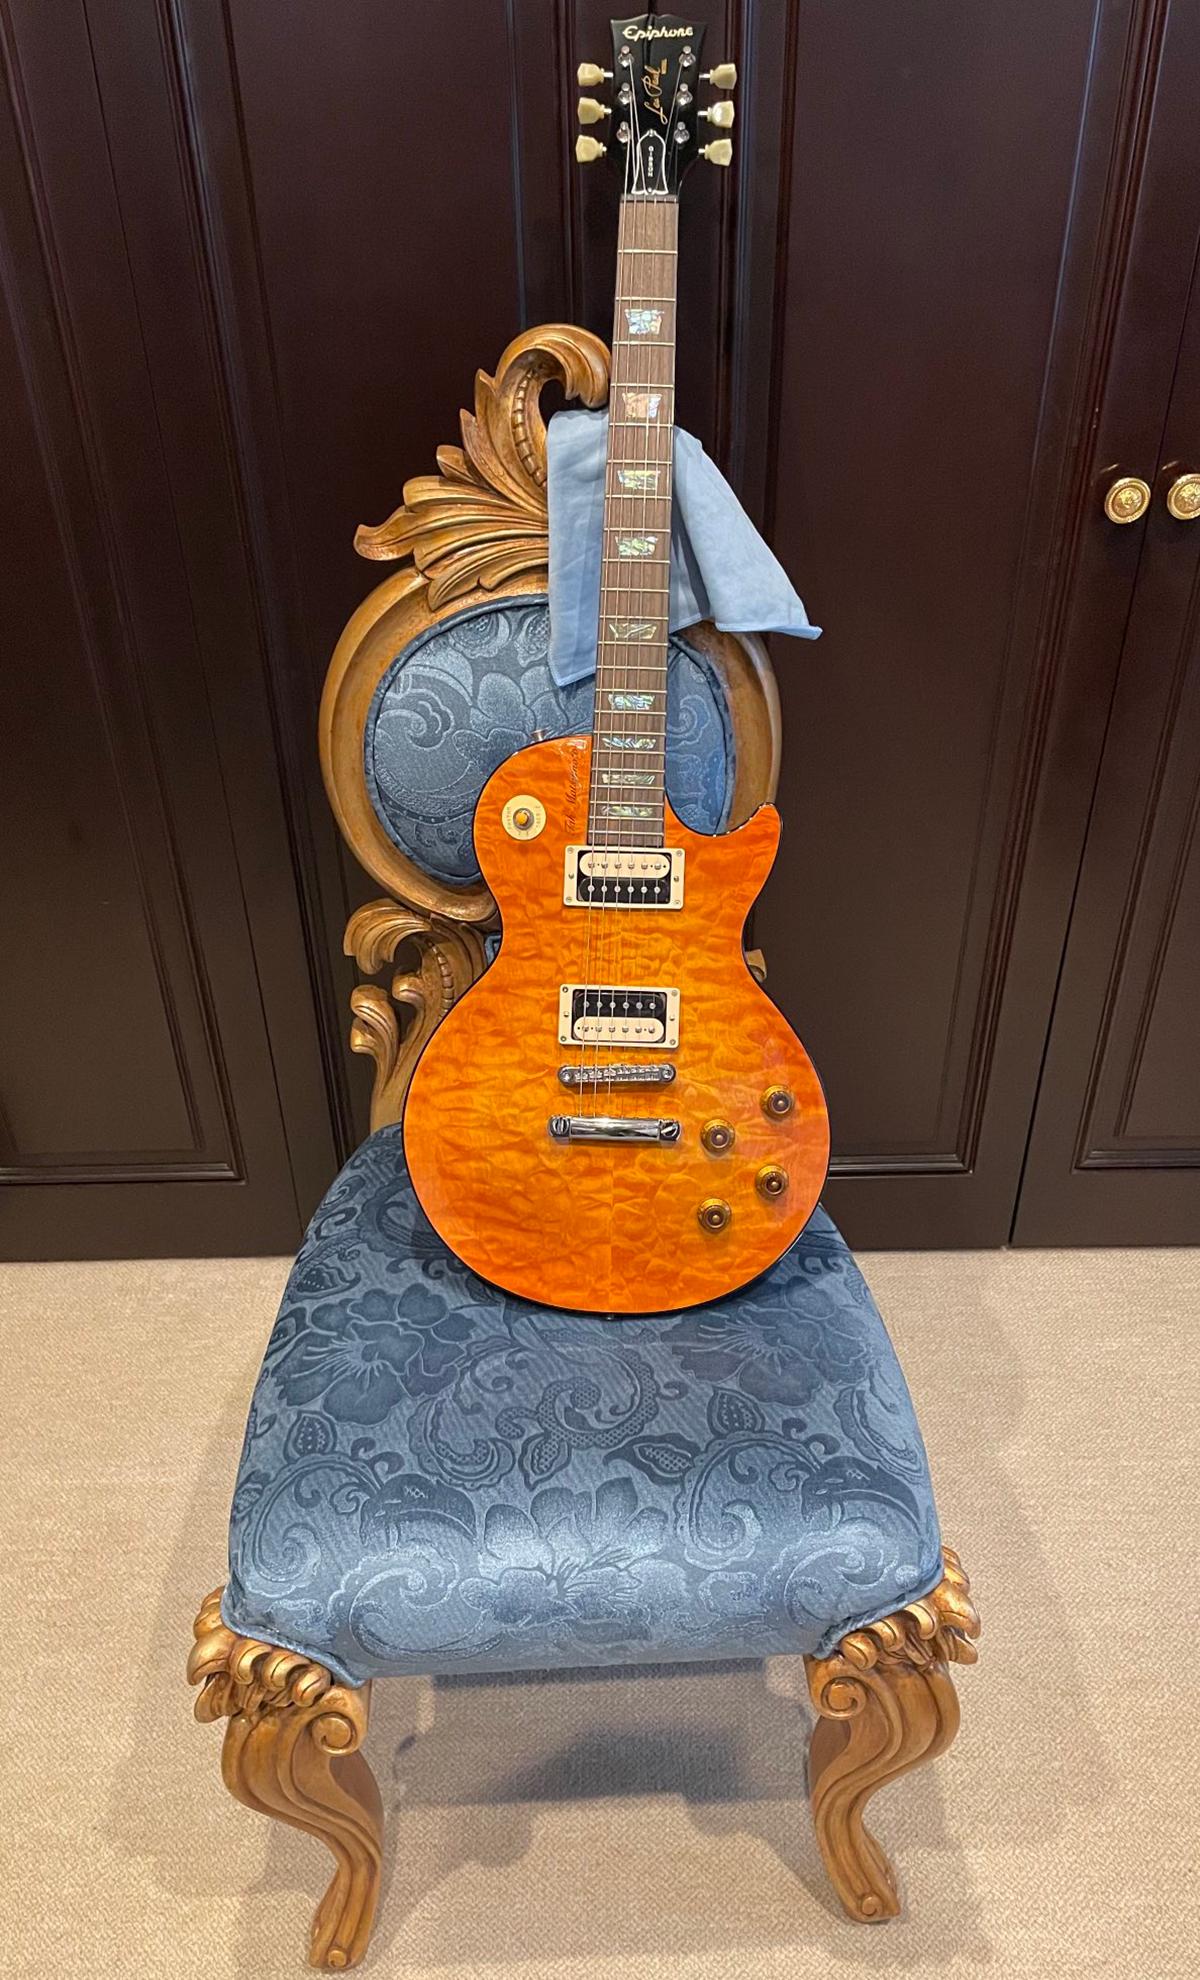 飯森範親がB'z松本孝弘にプレゼントされたギターの写真